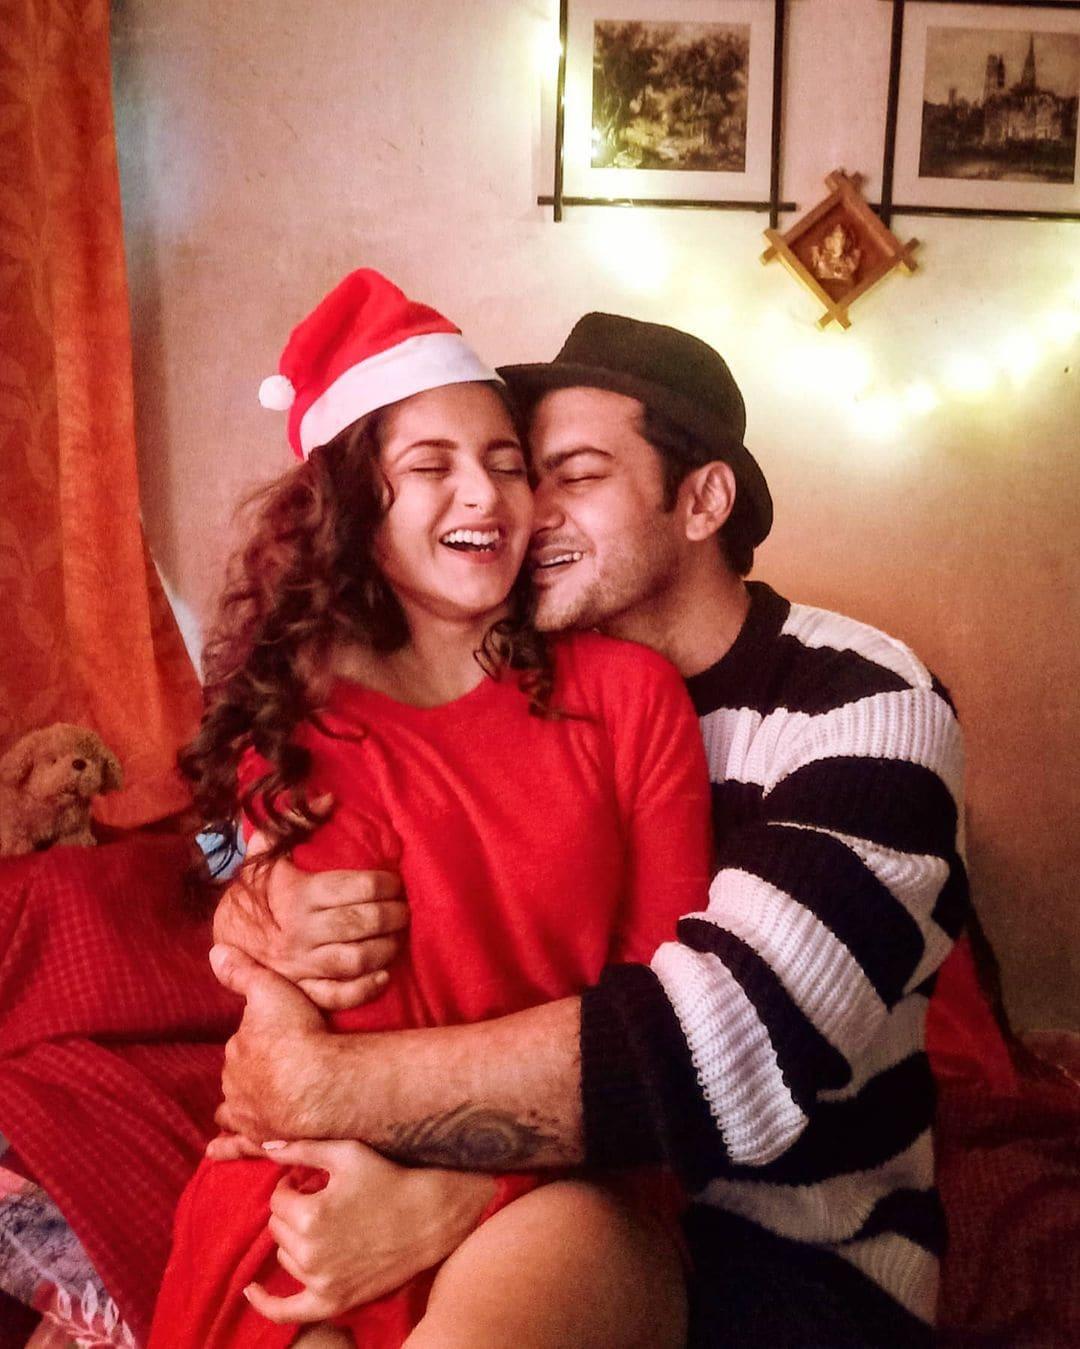 বর্তমানে 'মিঠাই'-এ 'শ্রীতমা'-র চরিত্রে অভিনয় করছেন দিয়া মুখোপাধ্য়ায়। স্টার জলসায় 'গঙ্গারাম' ধারাবাহিকে মুখ্য চরিত্রে রয়েছেন অভিষেক বোস।